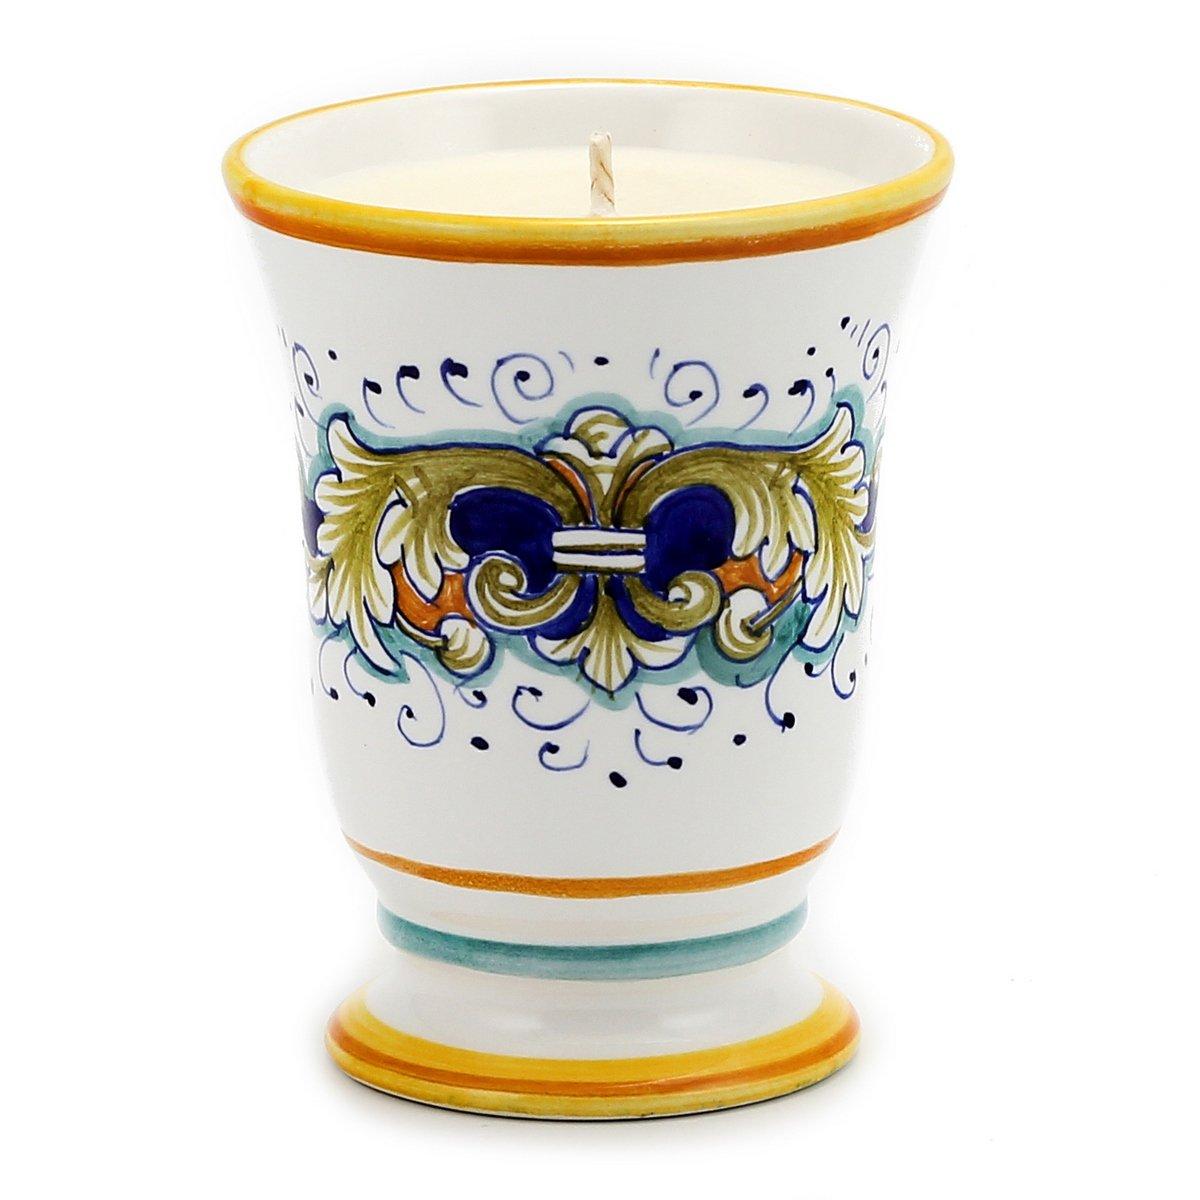 DERUTA CANDLE: Bell Cup DERUTA FOGLIE Design, Tuscan Apple Harvest